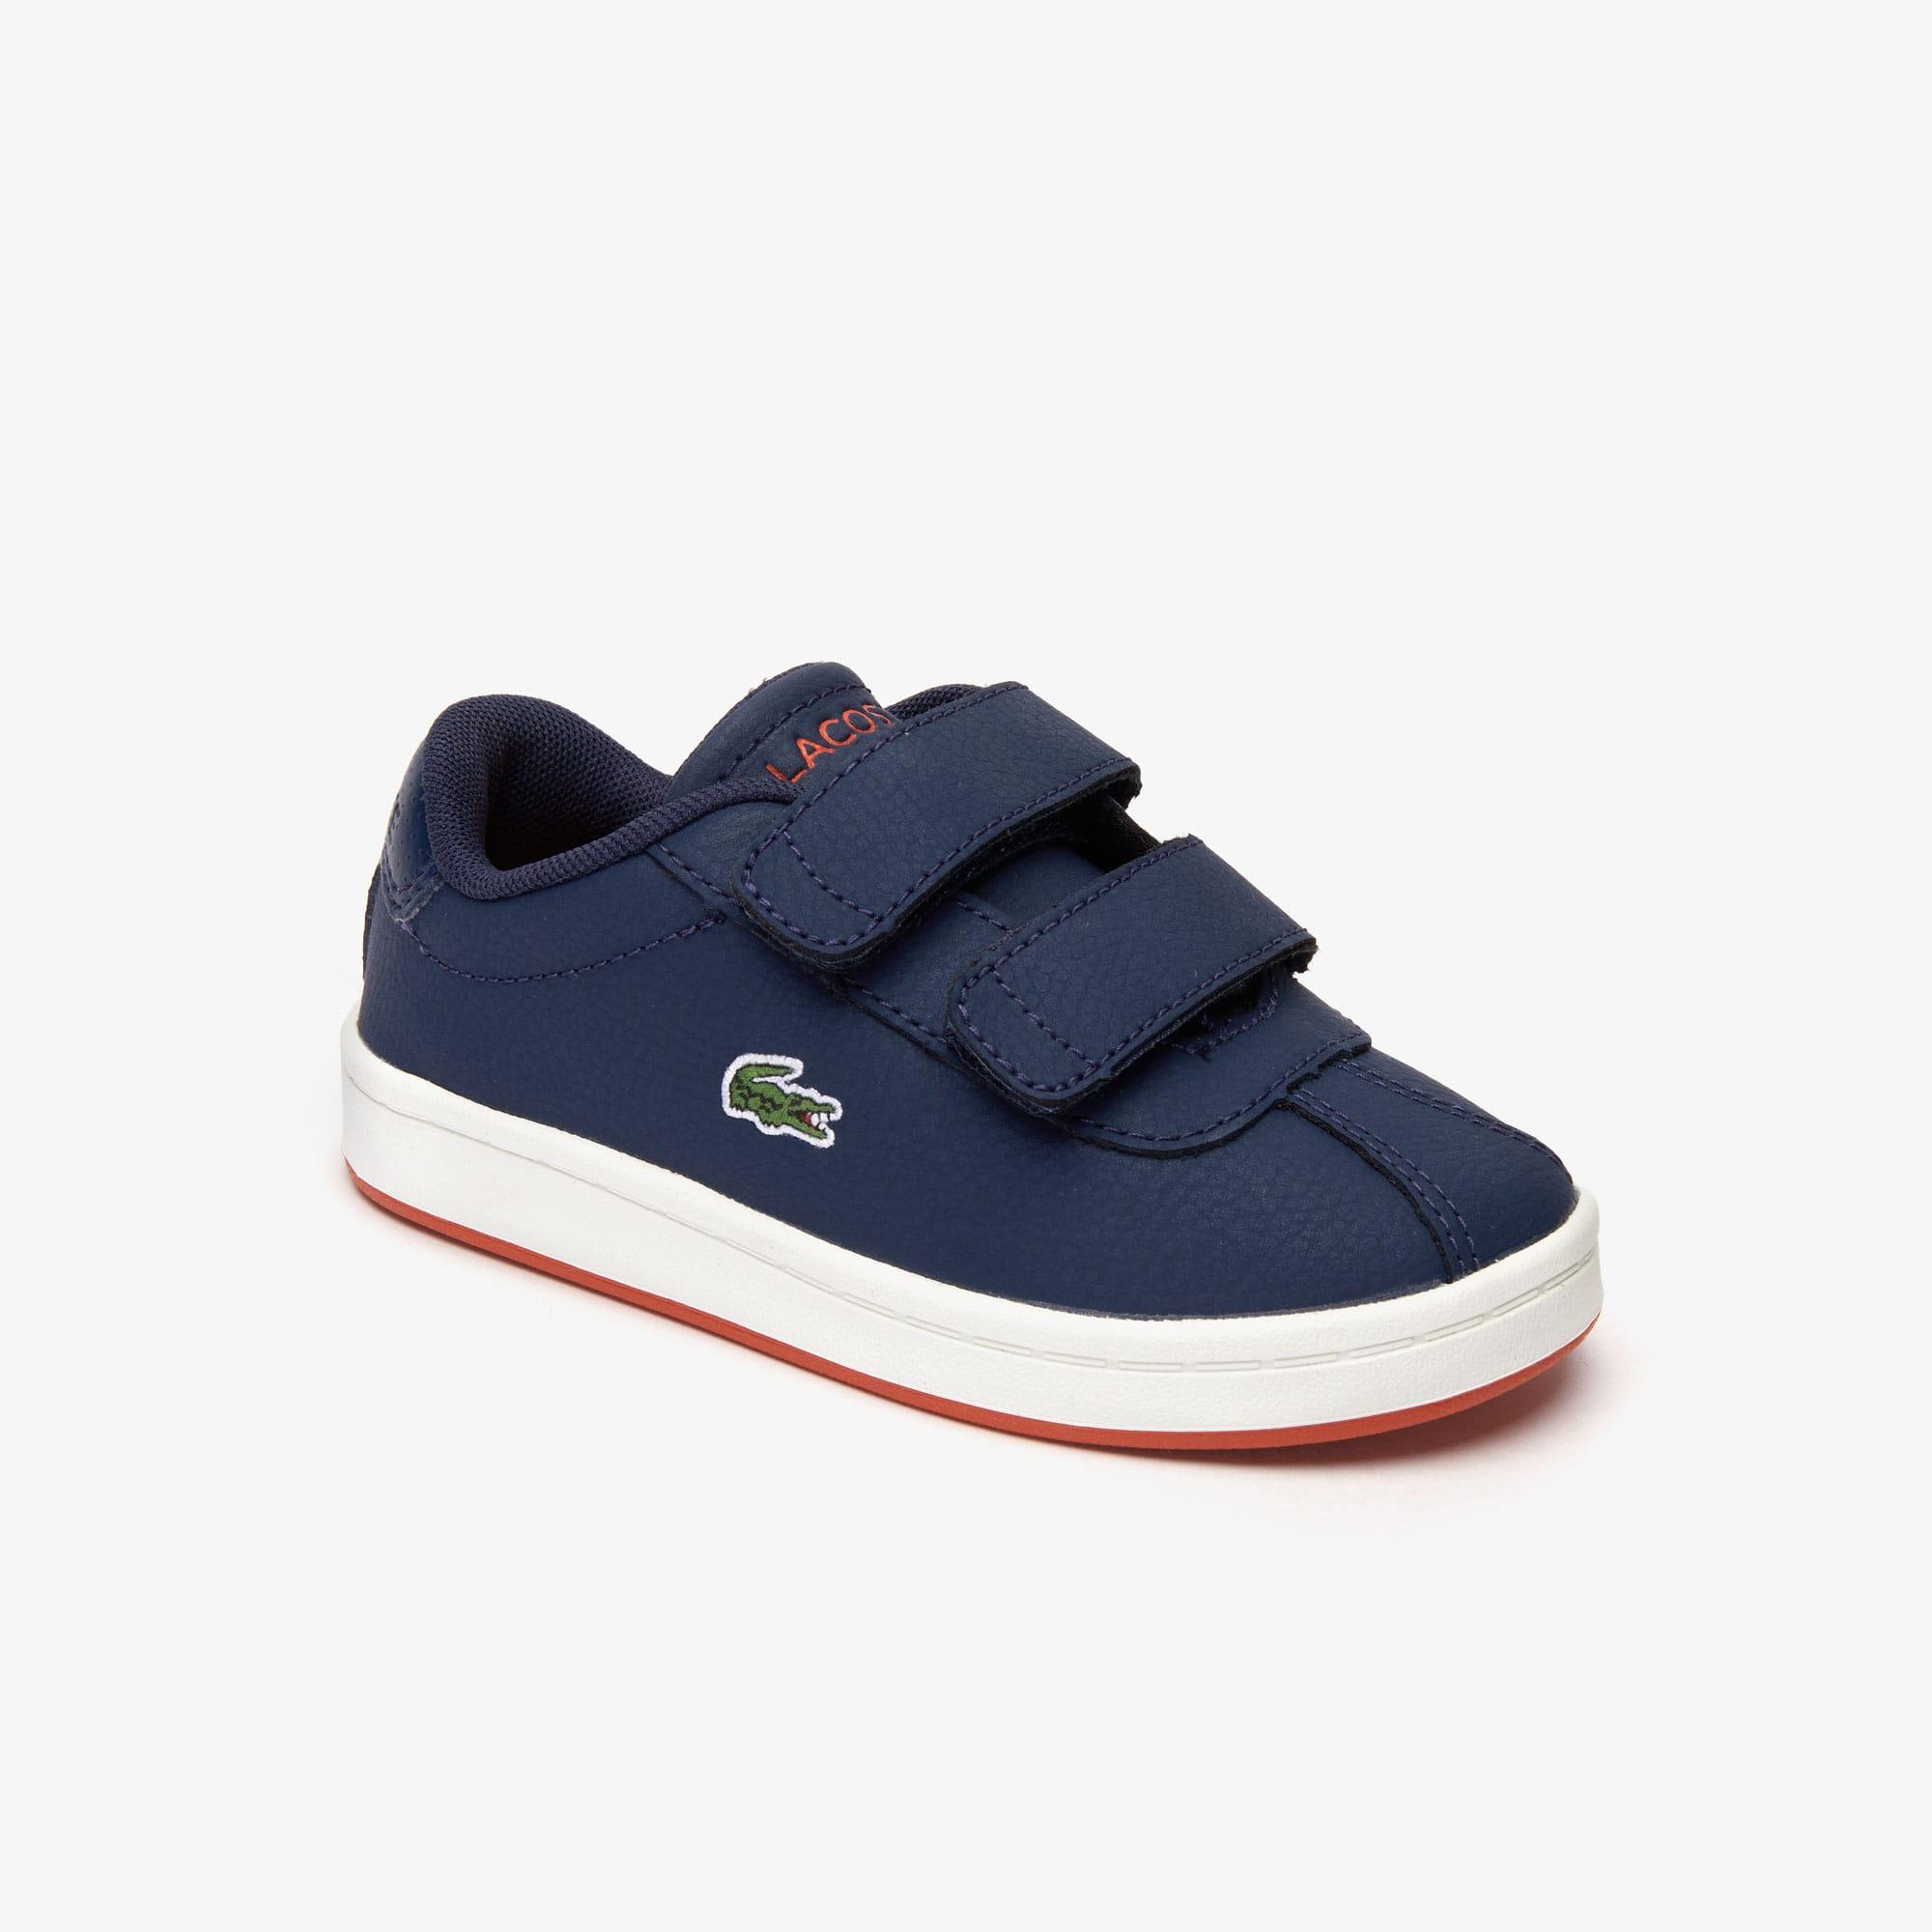 حذاء رياضي للأطفال من الكنفا من مجموعة Gazon